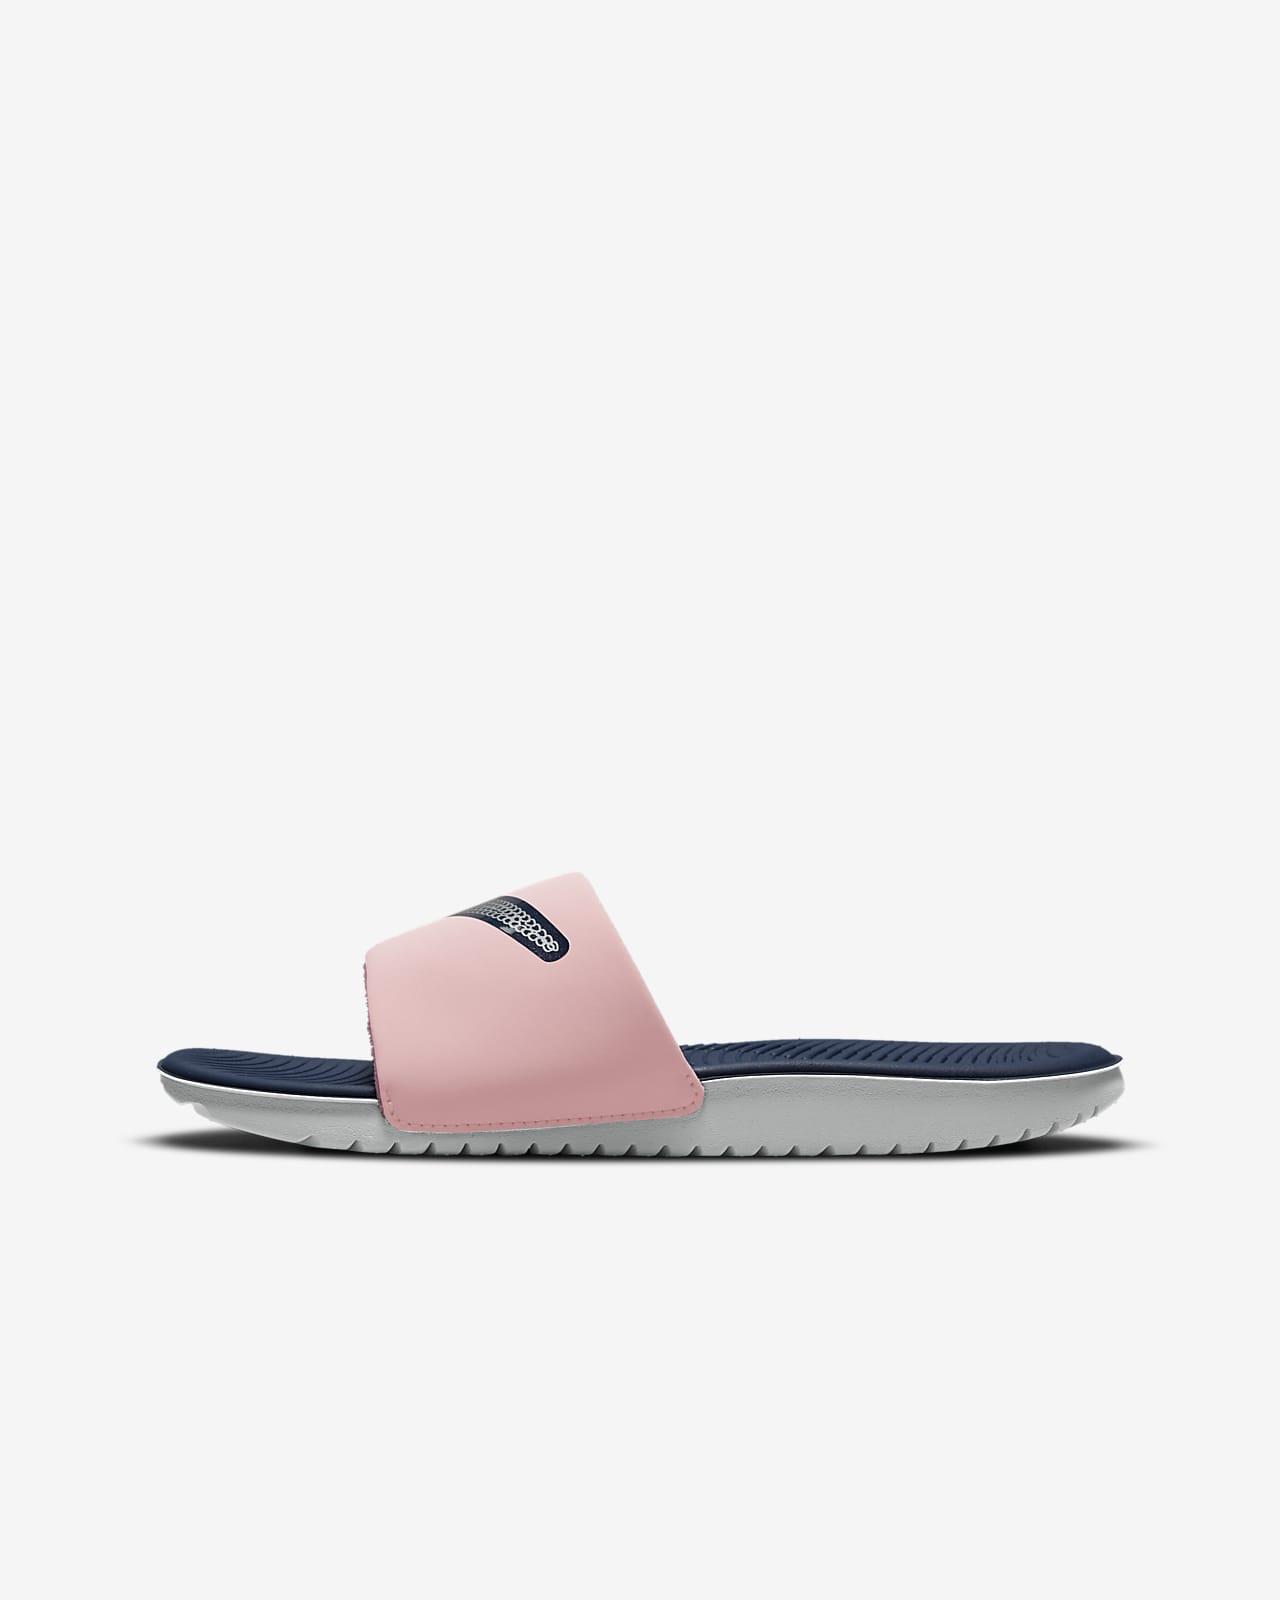 Nike Kawa SE Older/Younger Kids' Slide